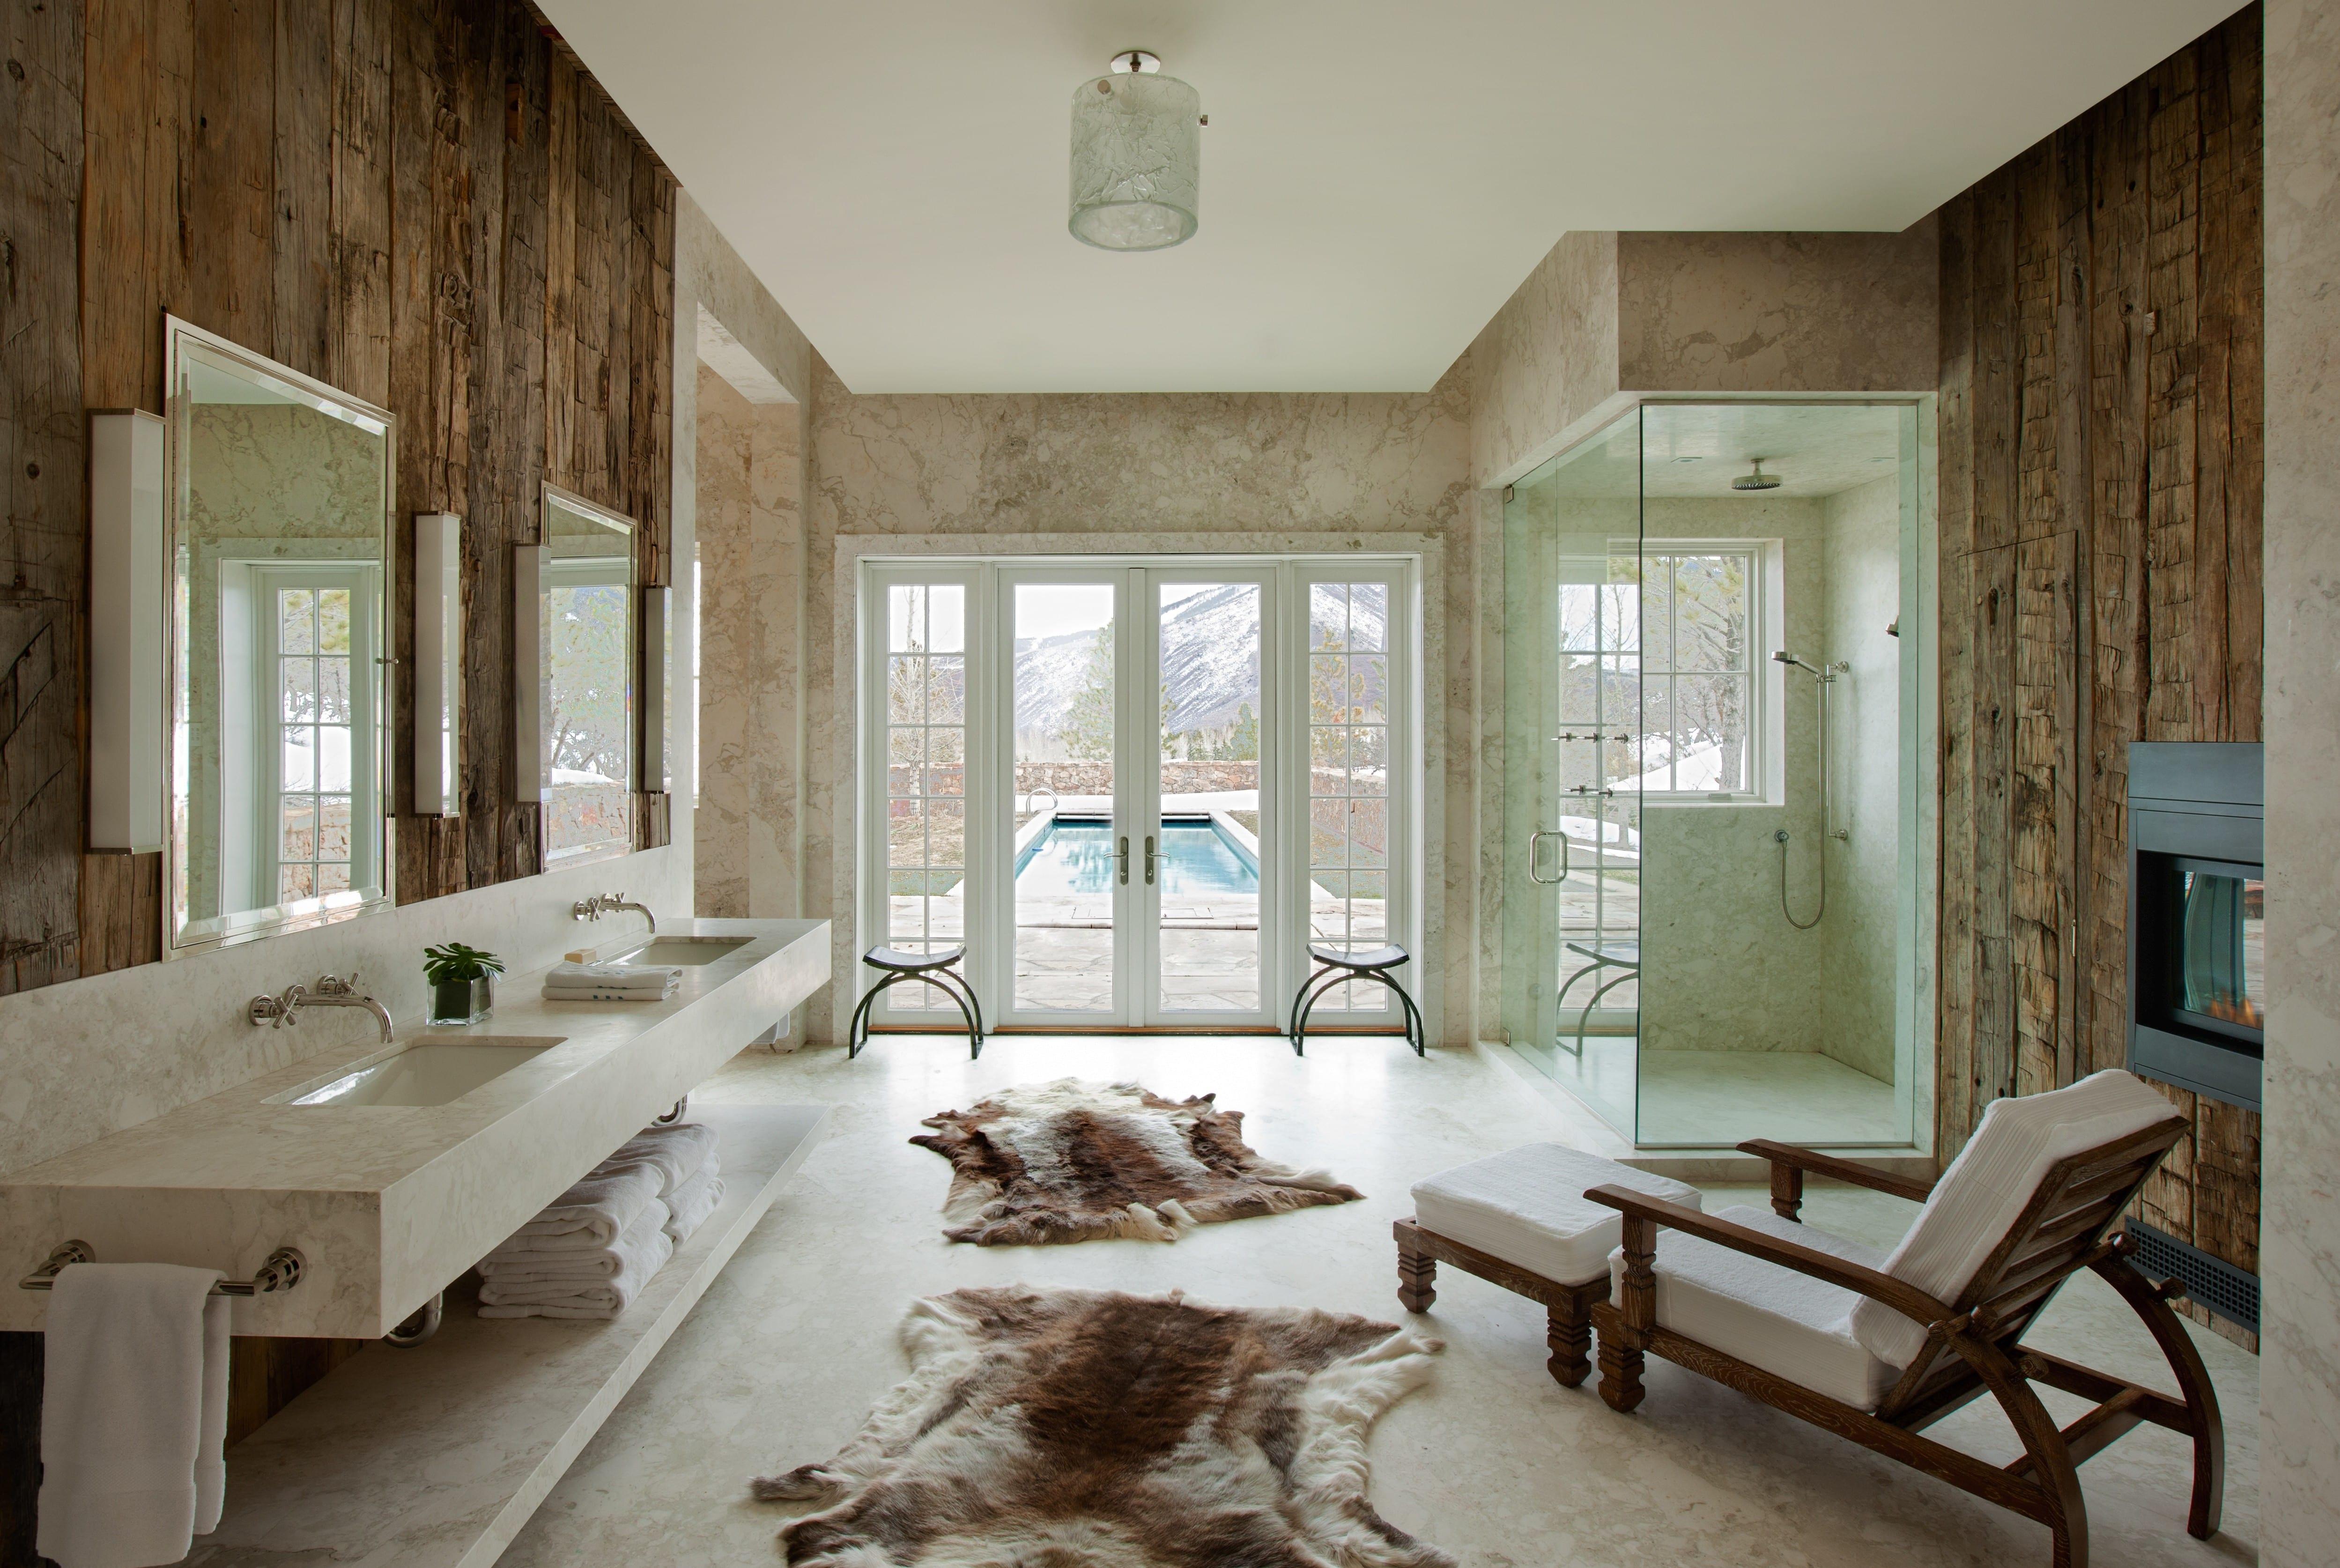 moderne badezimmer ideen für vintage badezimmer mit holzwandverkleidung und kamin